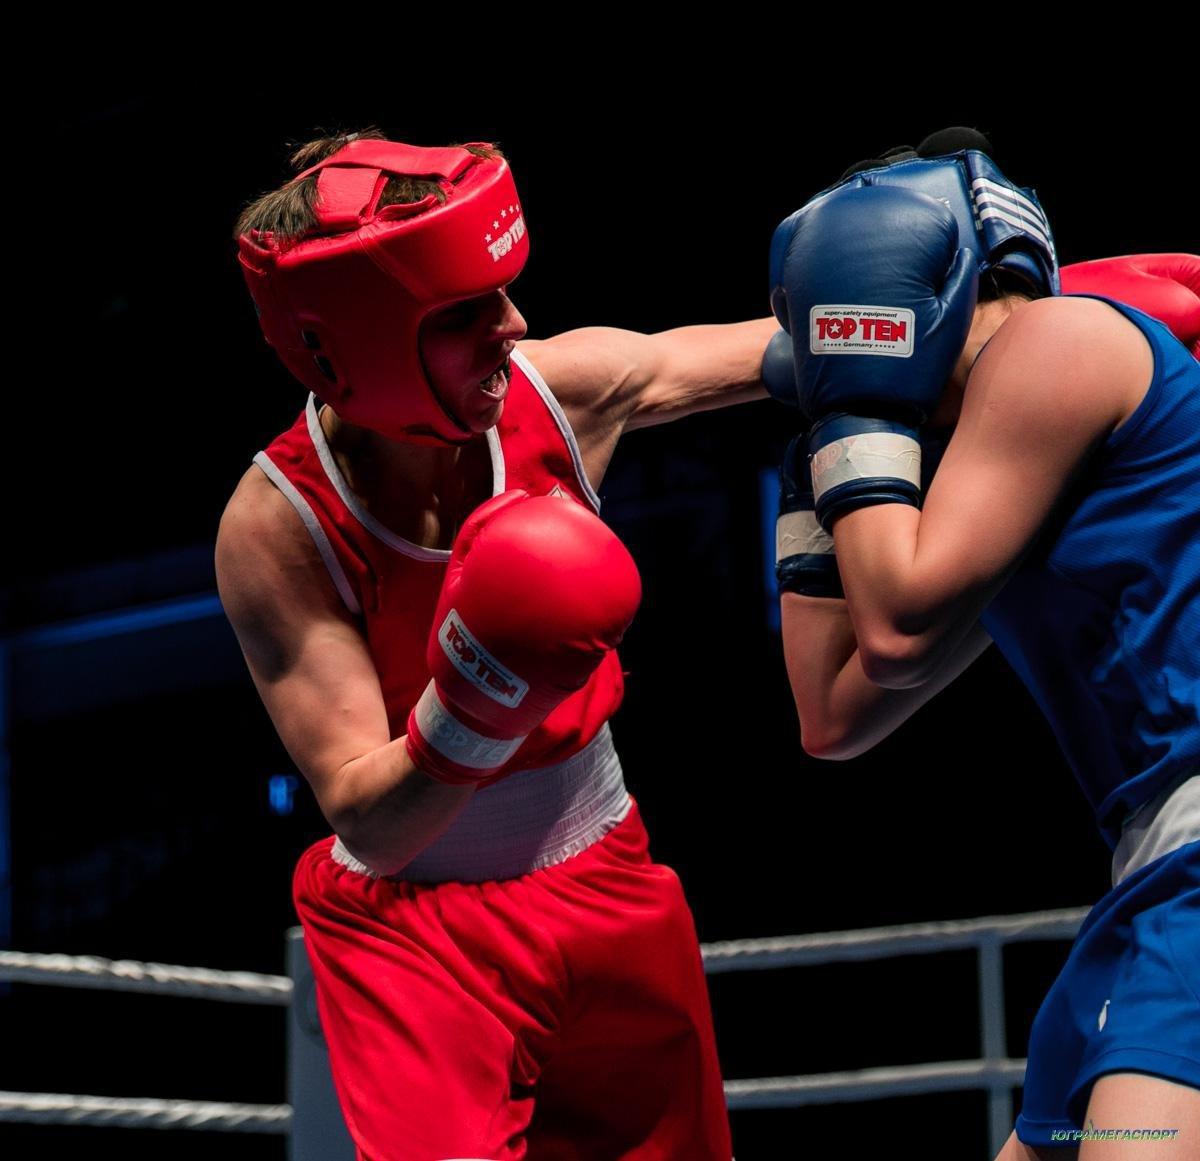 Картинки бокса на аву вконтакте